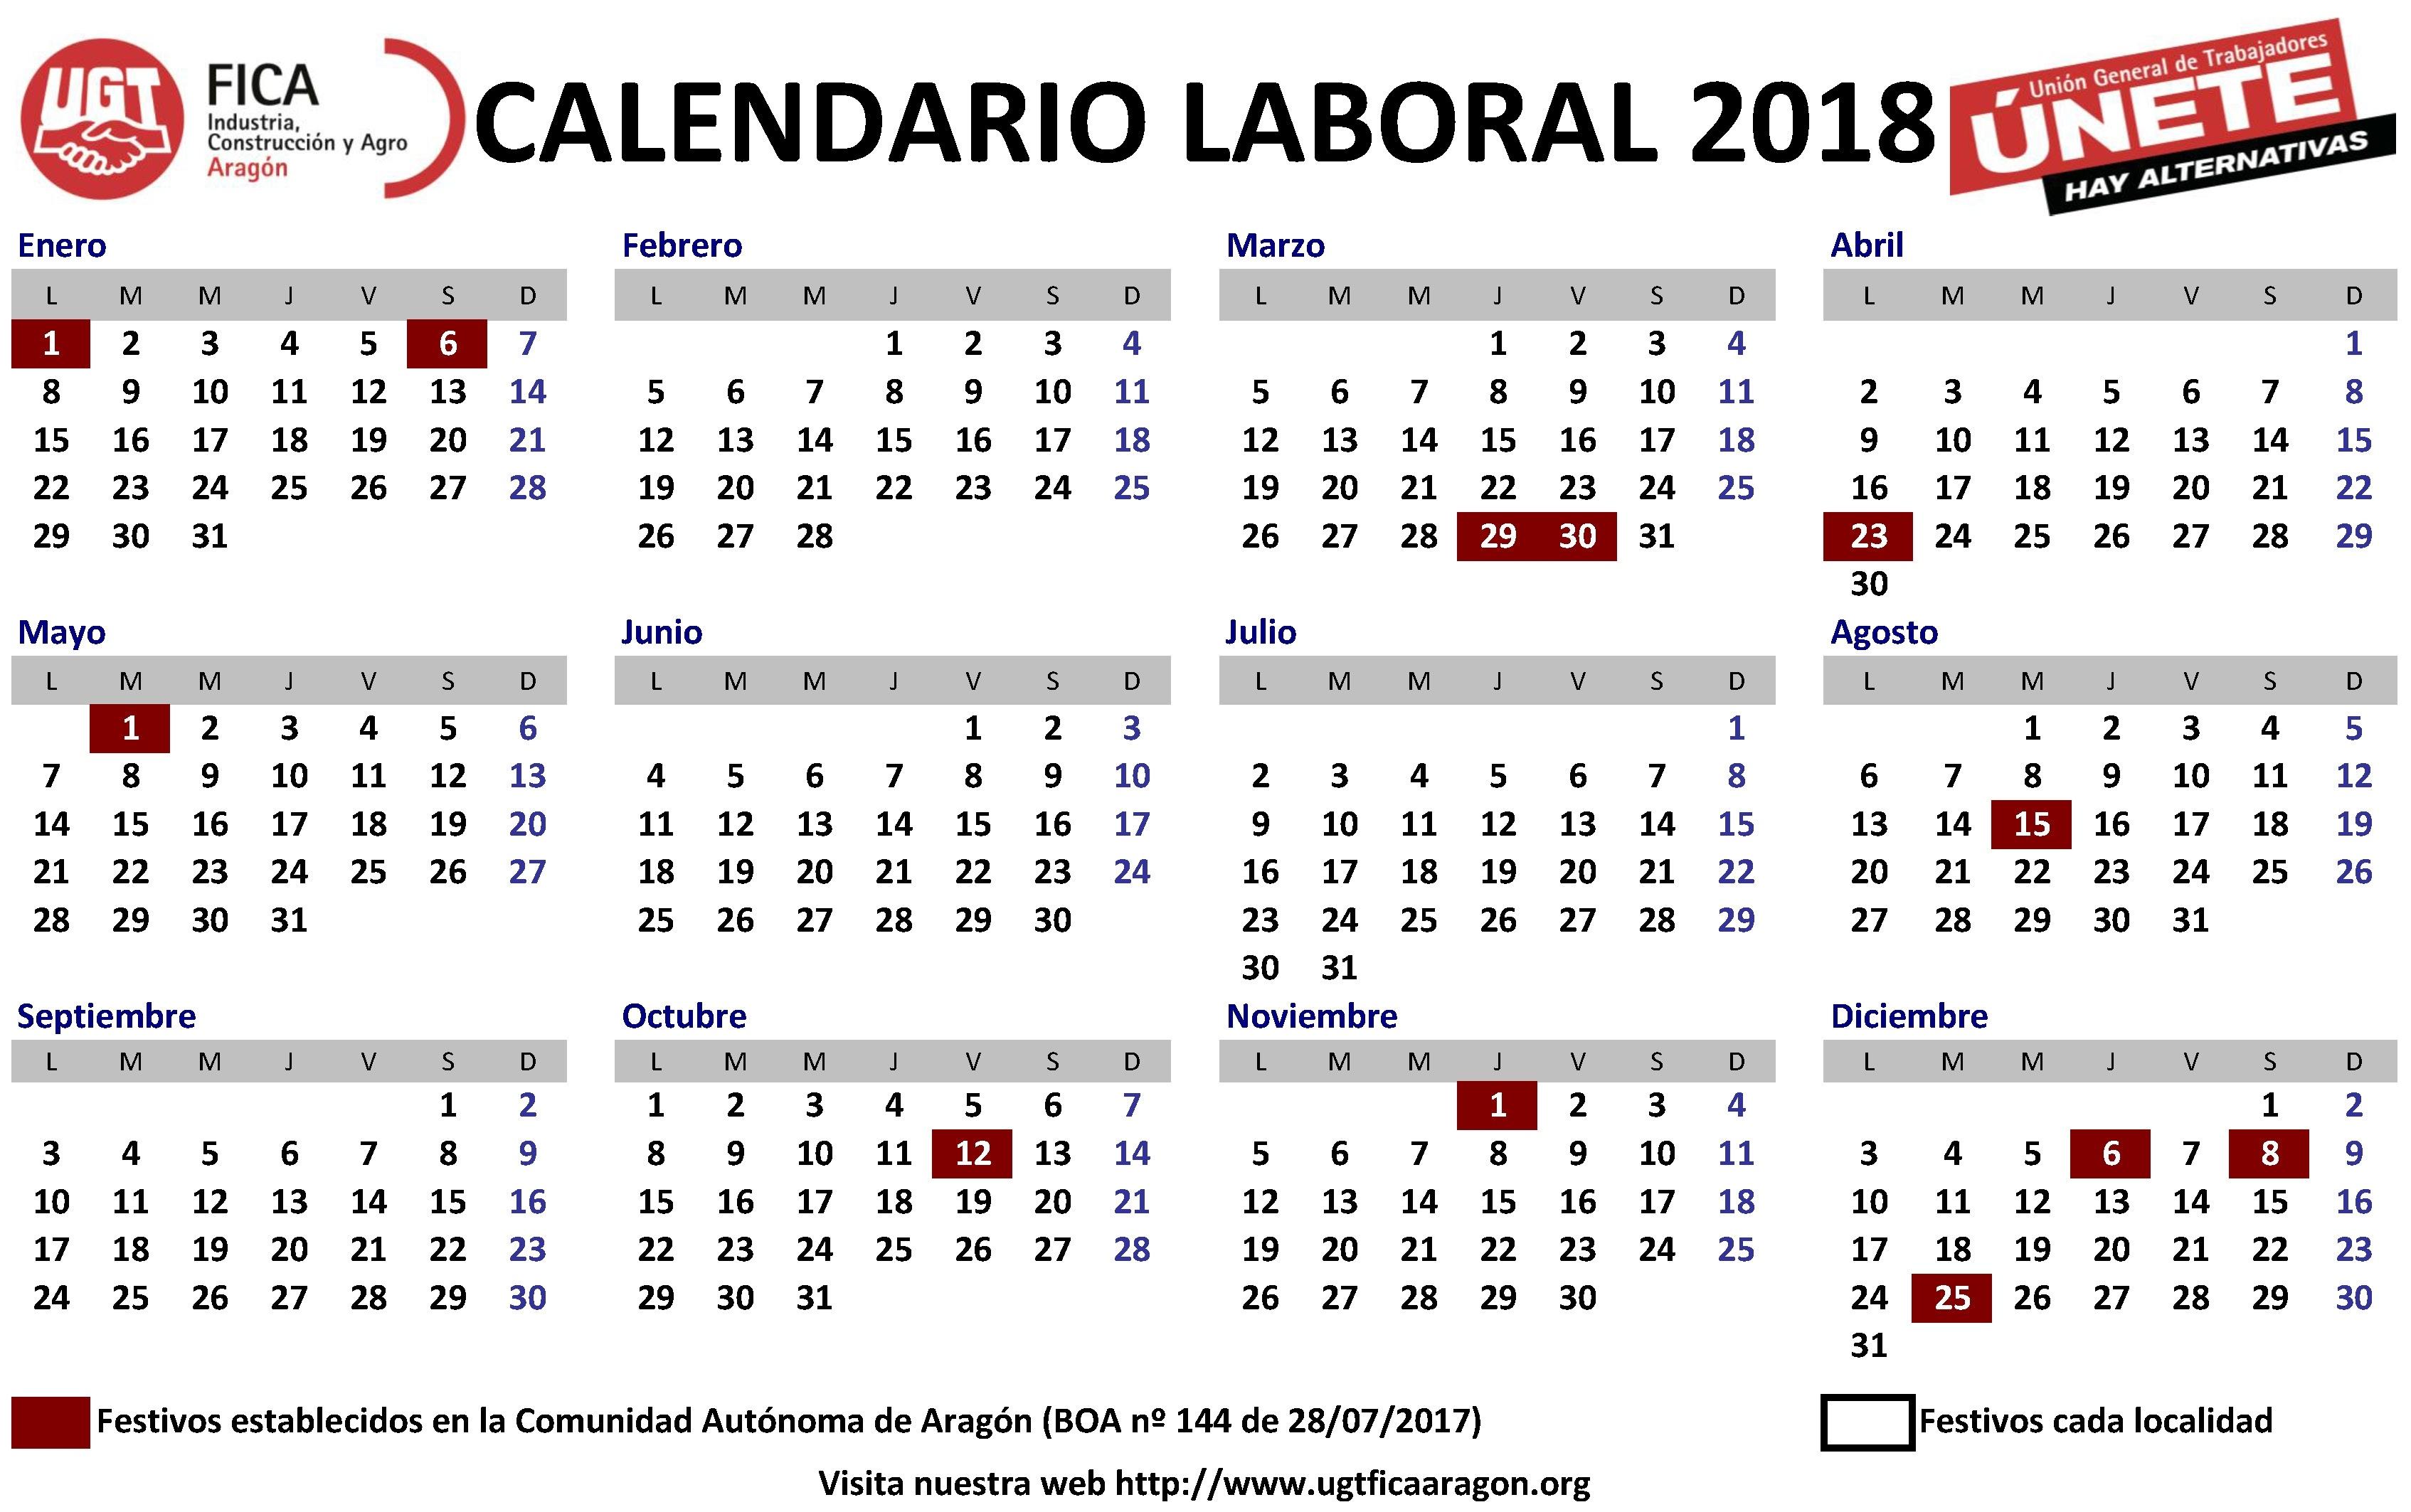 Calendario Laboral 2018, Más De 200 Plantillas Para Imprimir Y  Imagen De Tachar Dias En Almanaque